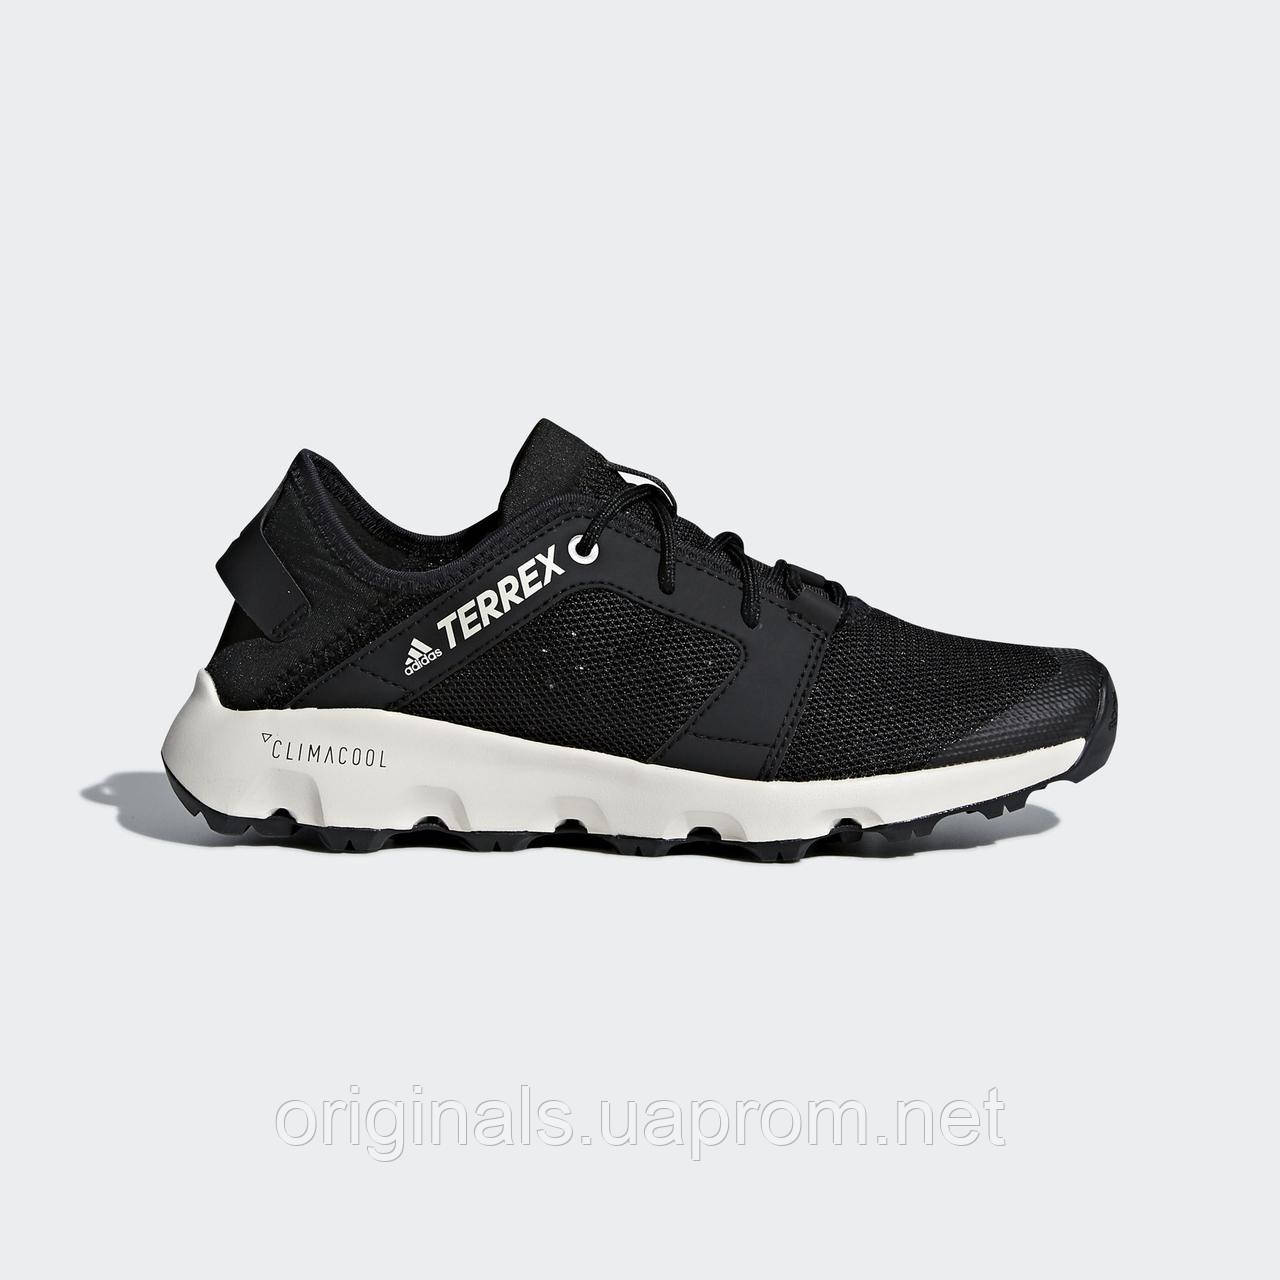 b62b71fa Женские кроссовки Adidas Terrex Climacool Sleek Voyager CM7542 - 2019 -  интернет-магазин Originals -